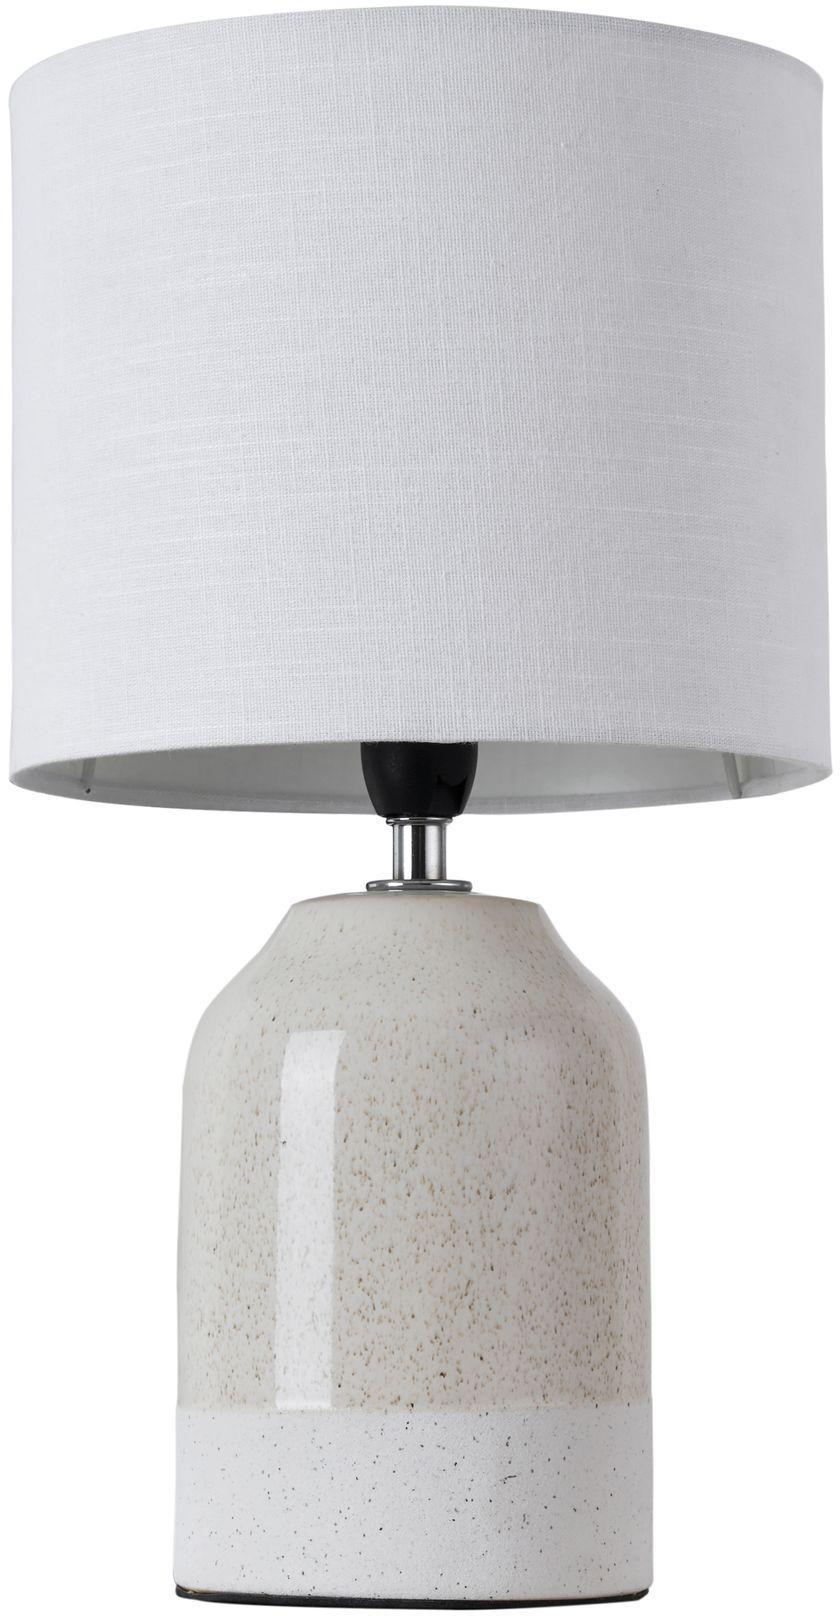 Tischlampe Luka aus Keramik, Lampenschirm: Leinen, Lampenfuß: Keramik, Beige, Weiß, Ø 18 x H 33 cm